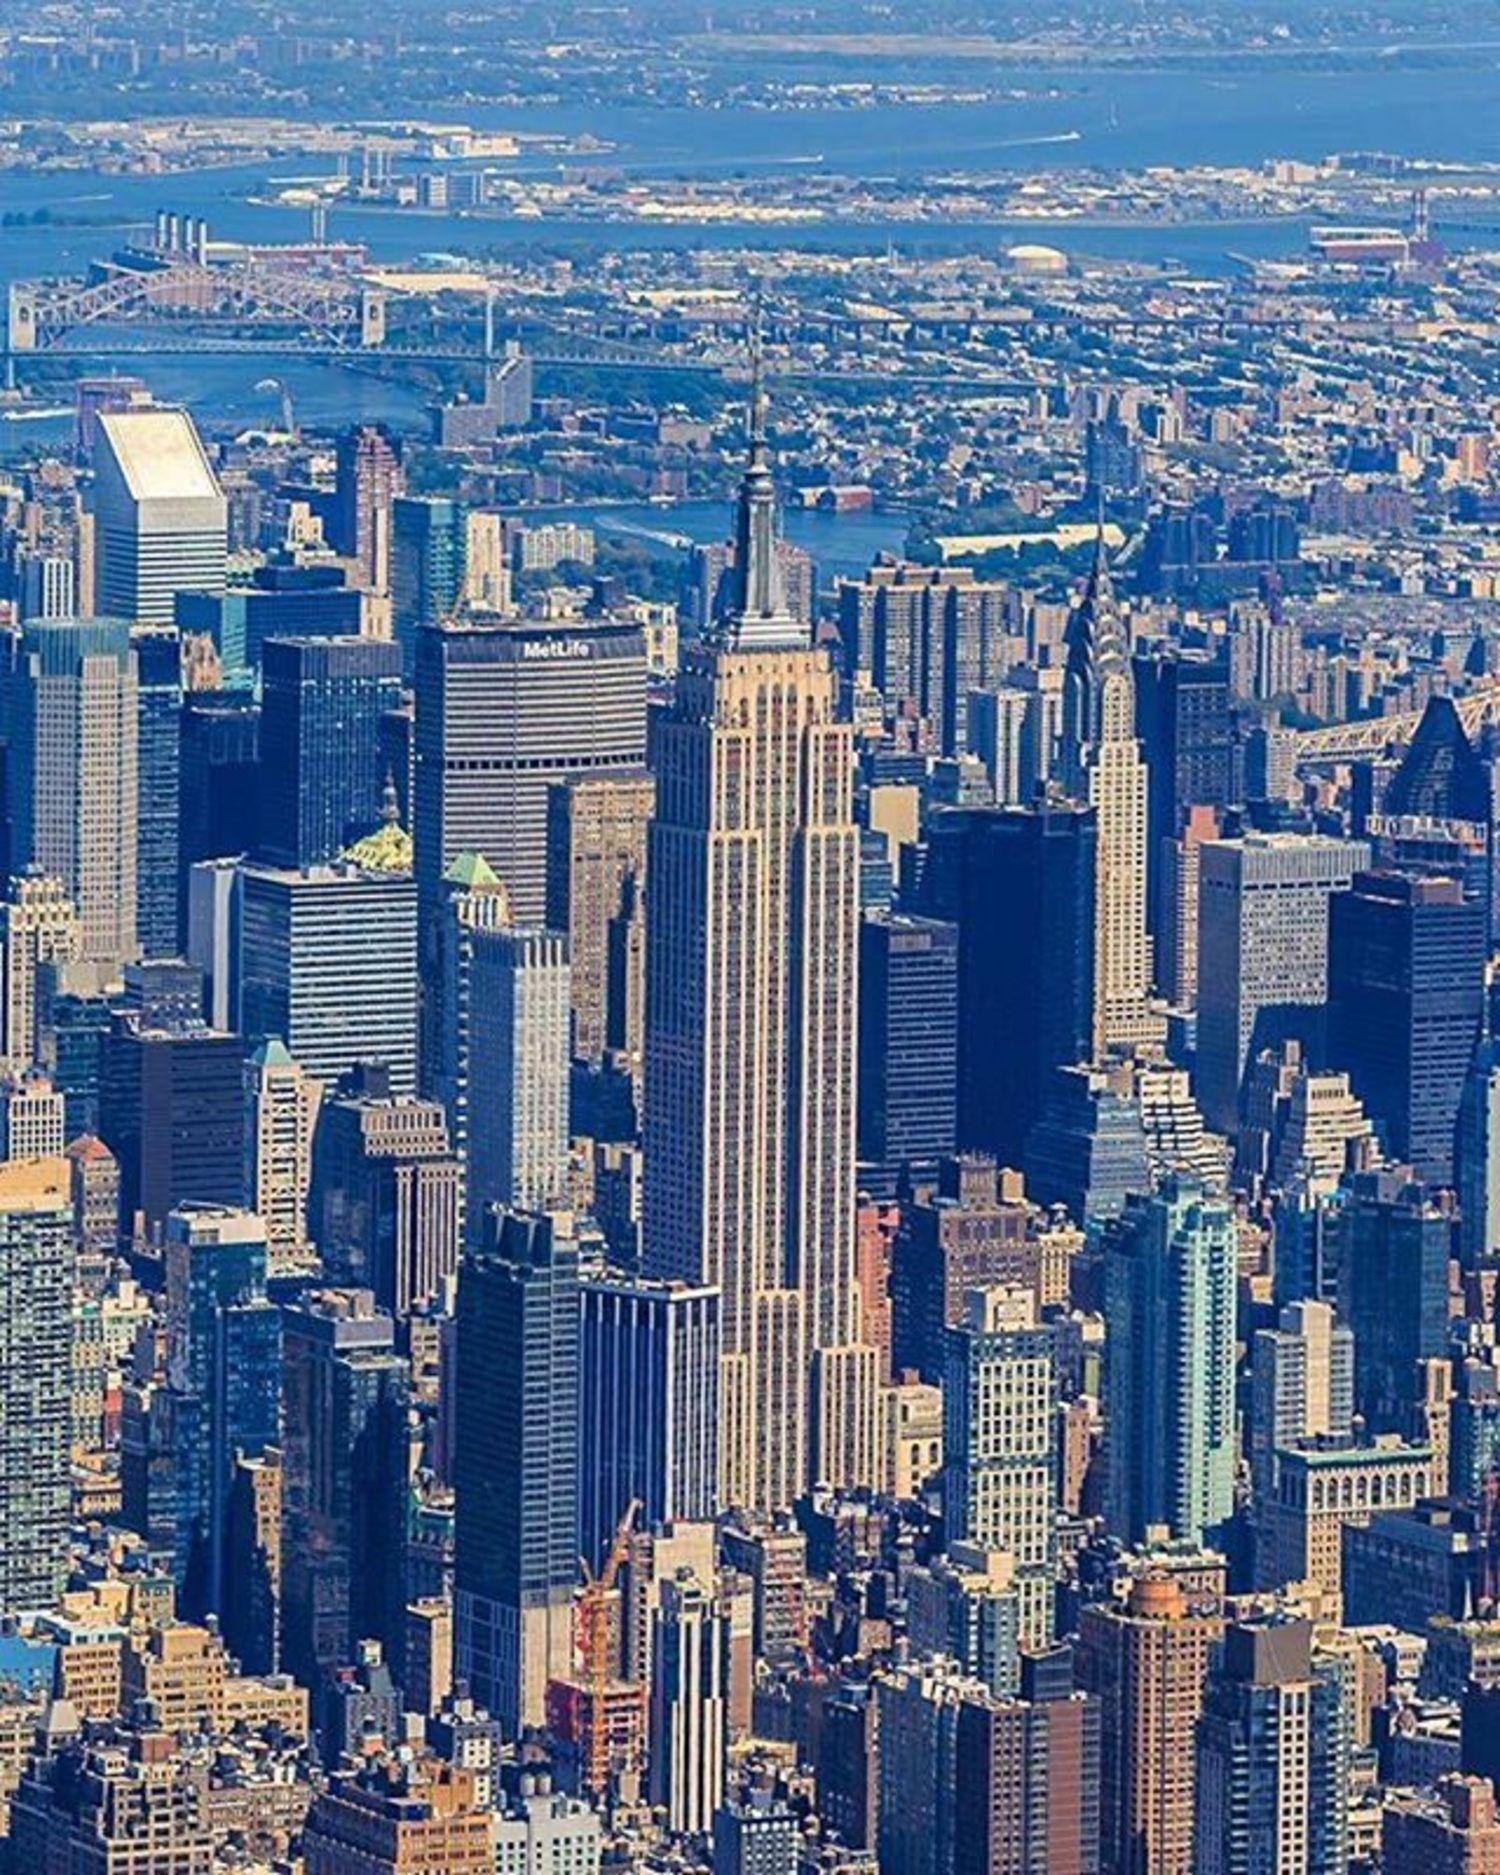 New York, New York. Photo via @killahwave #viewingnyc #newyorkcity #newyork #nyc